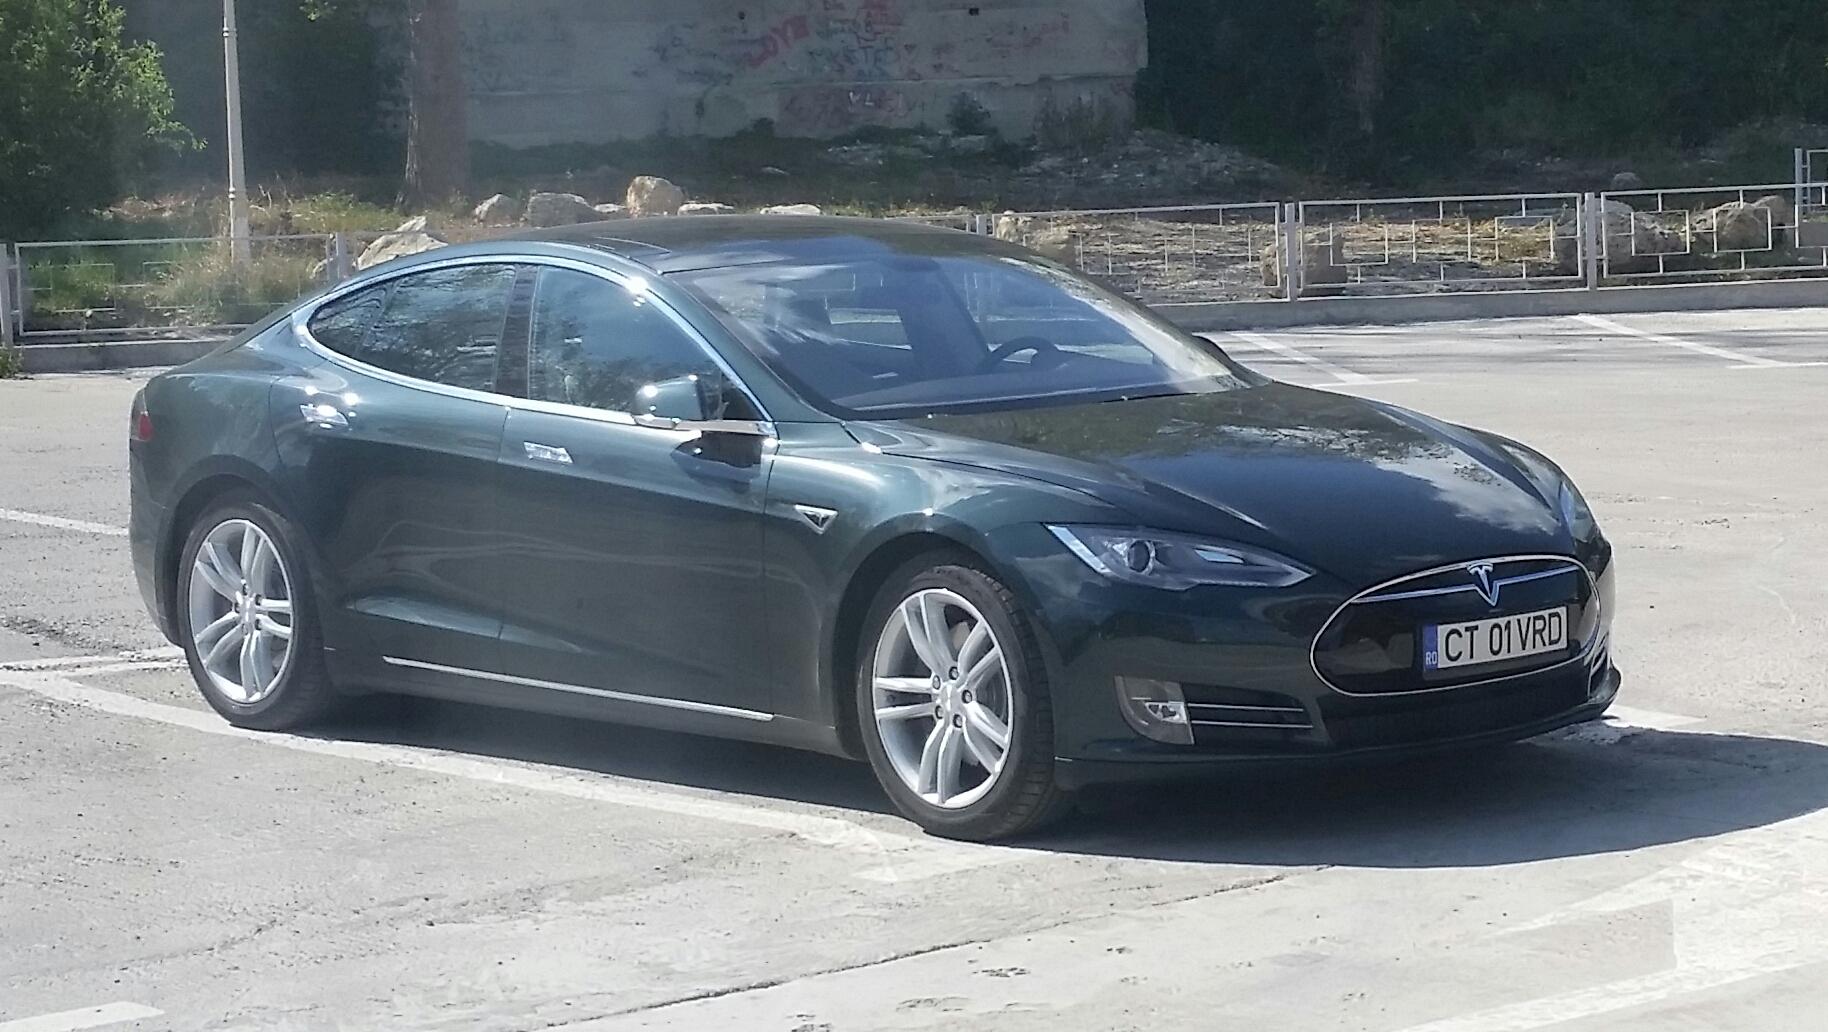 Masinile Tesla prind in Romania